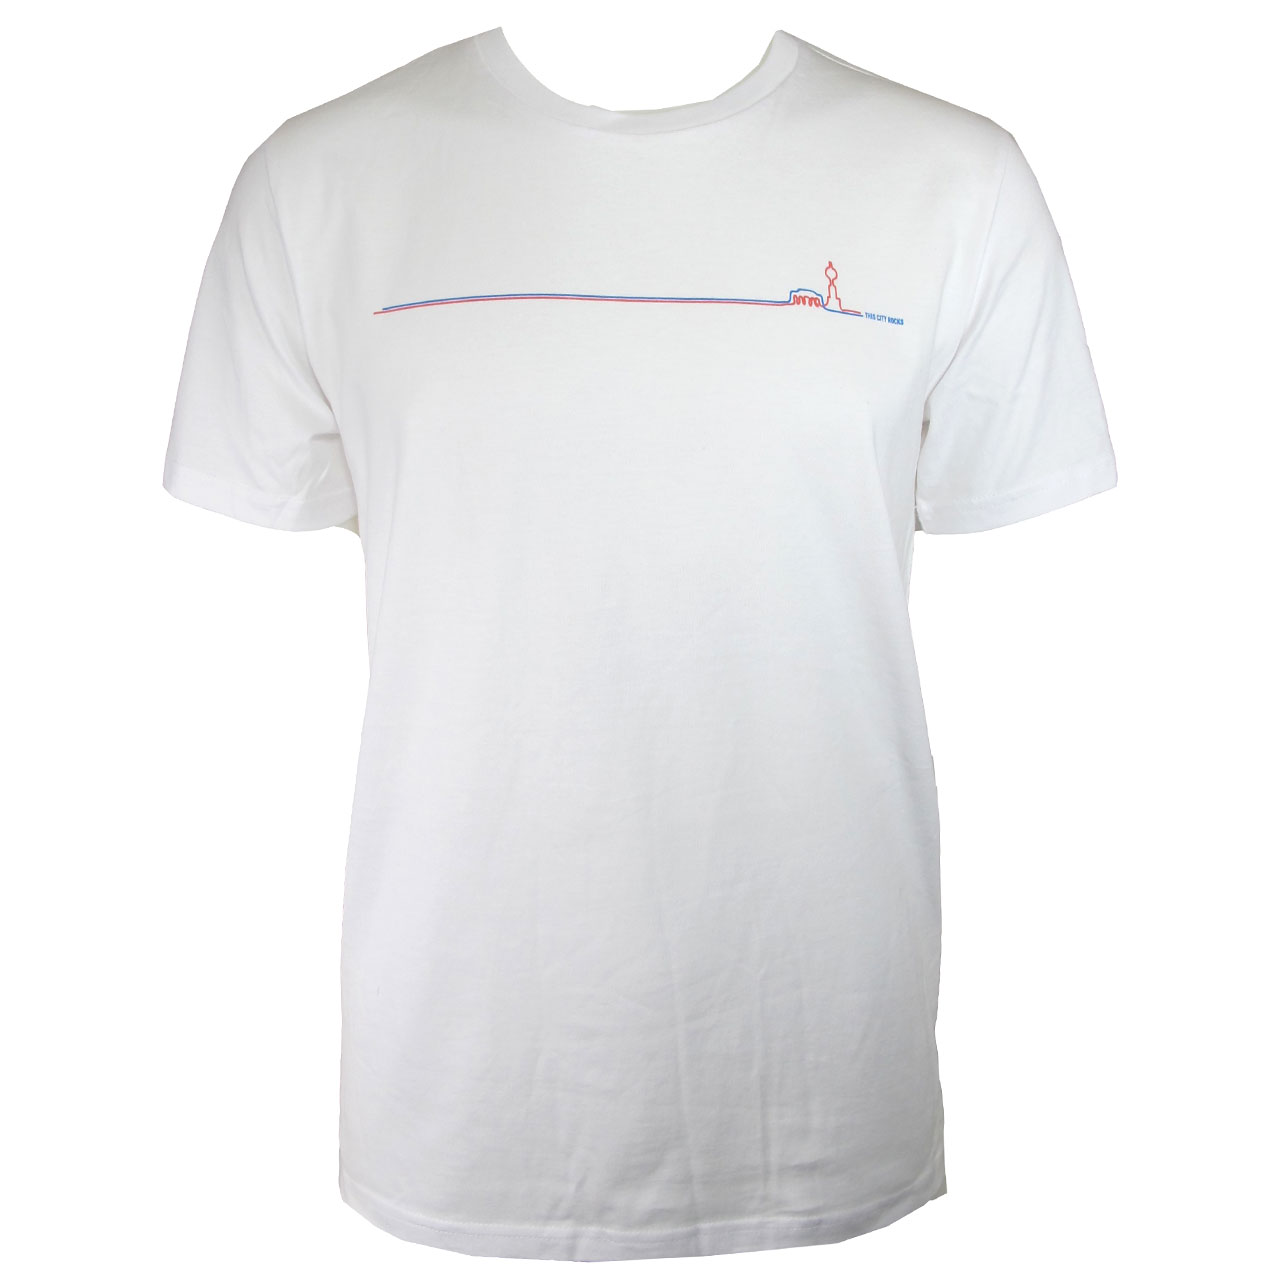 Berlin Design T-Shirt Fernsehturm /Brandenburger Tor weiß